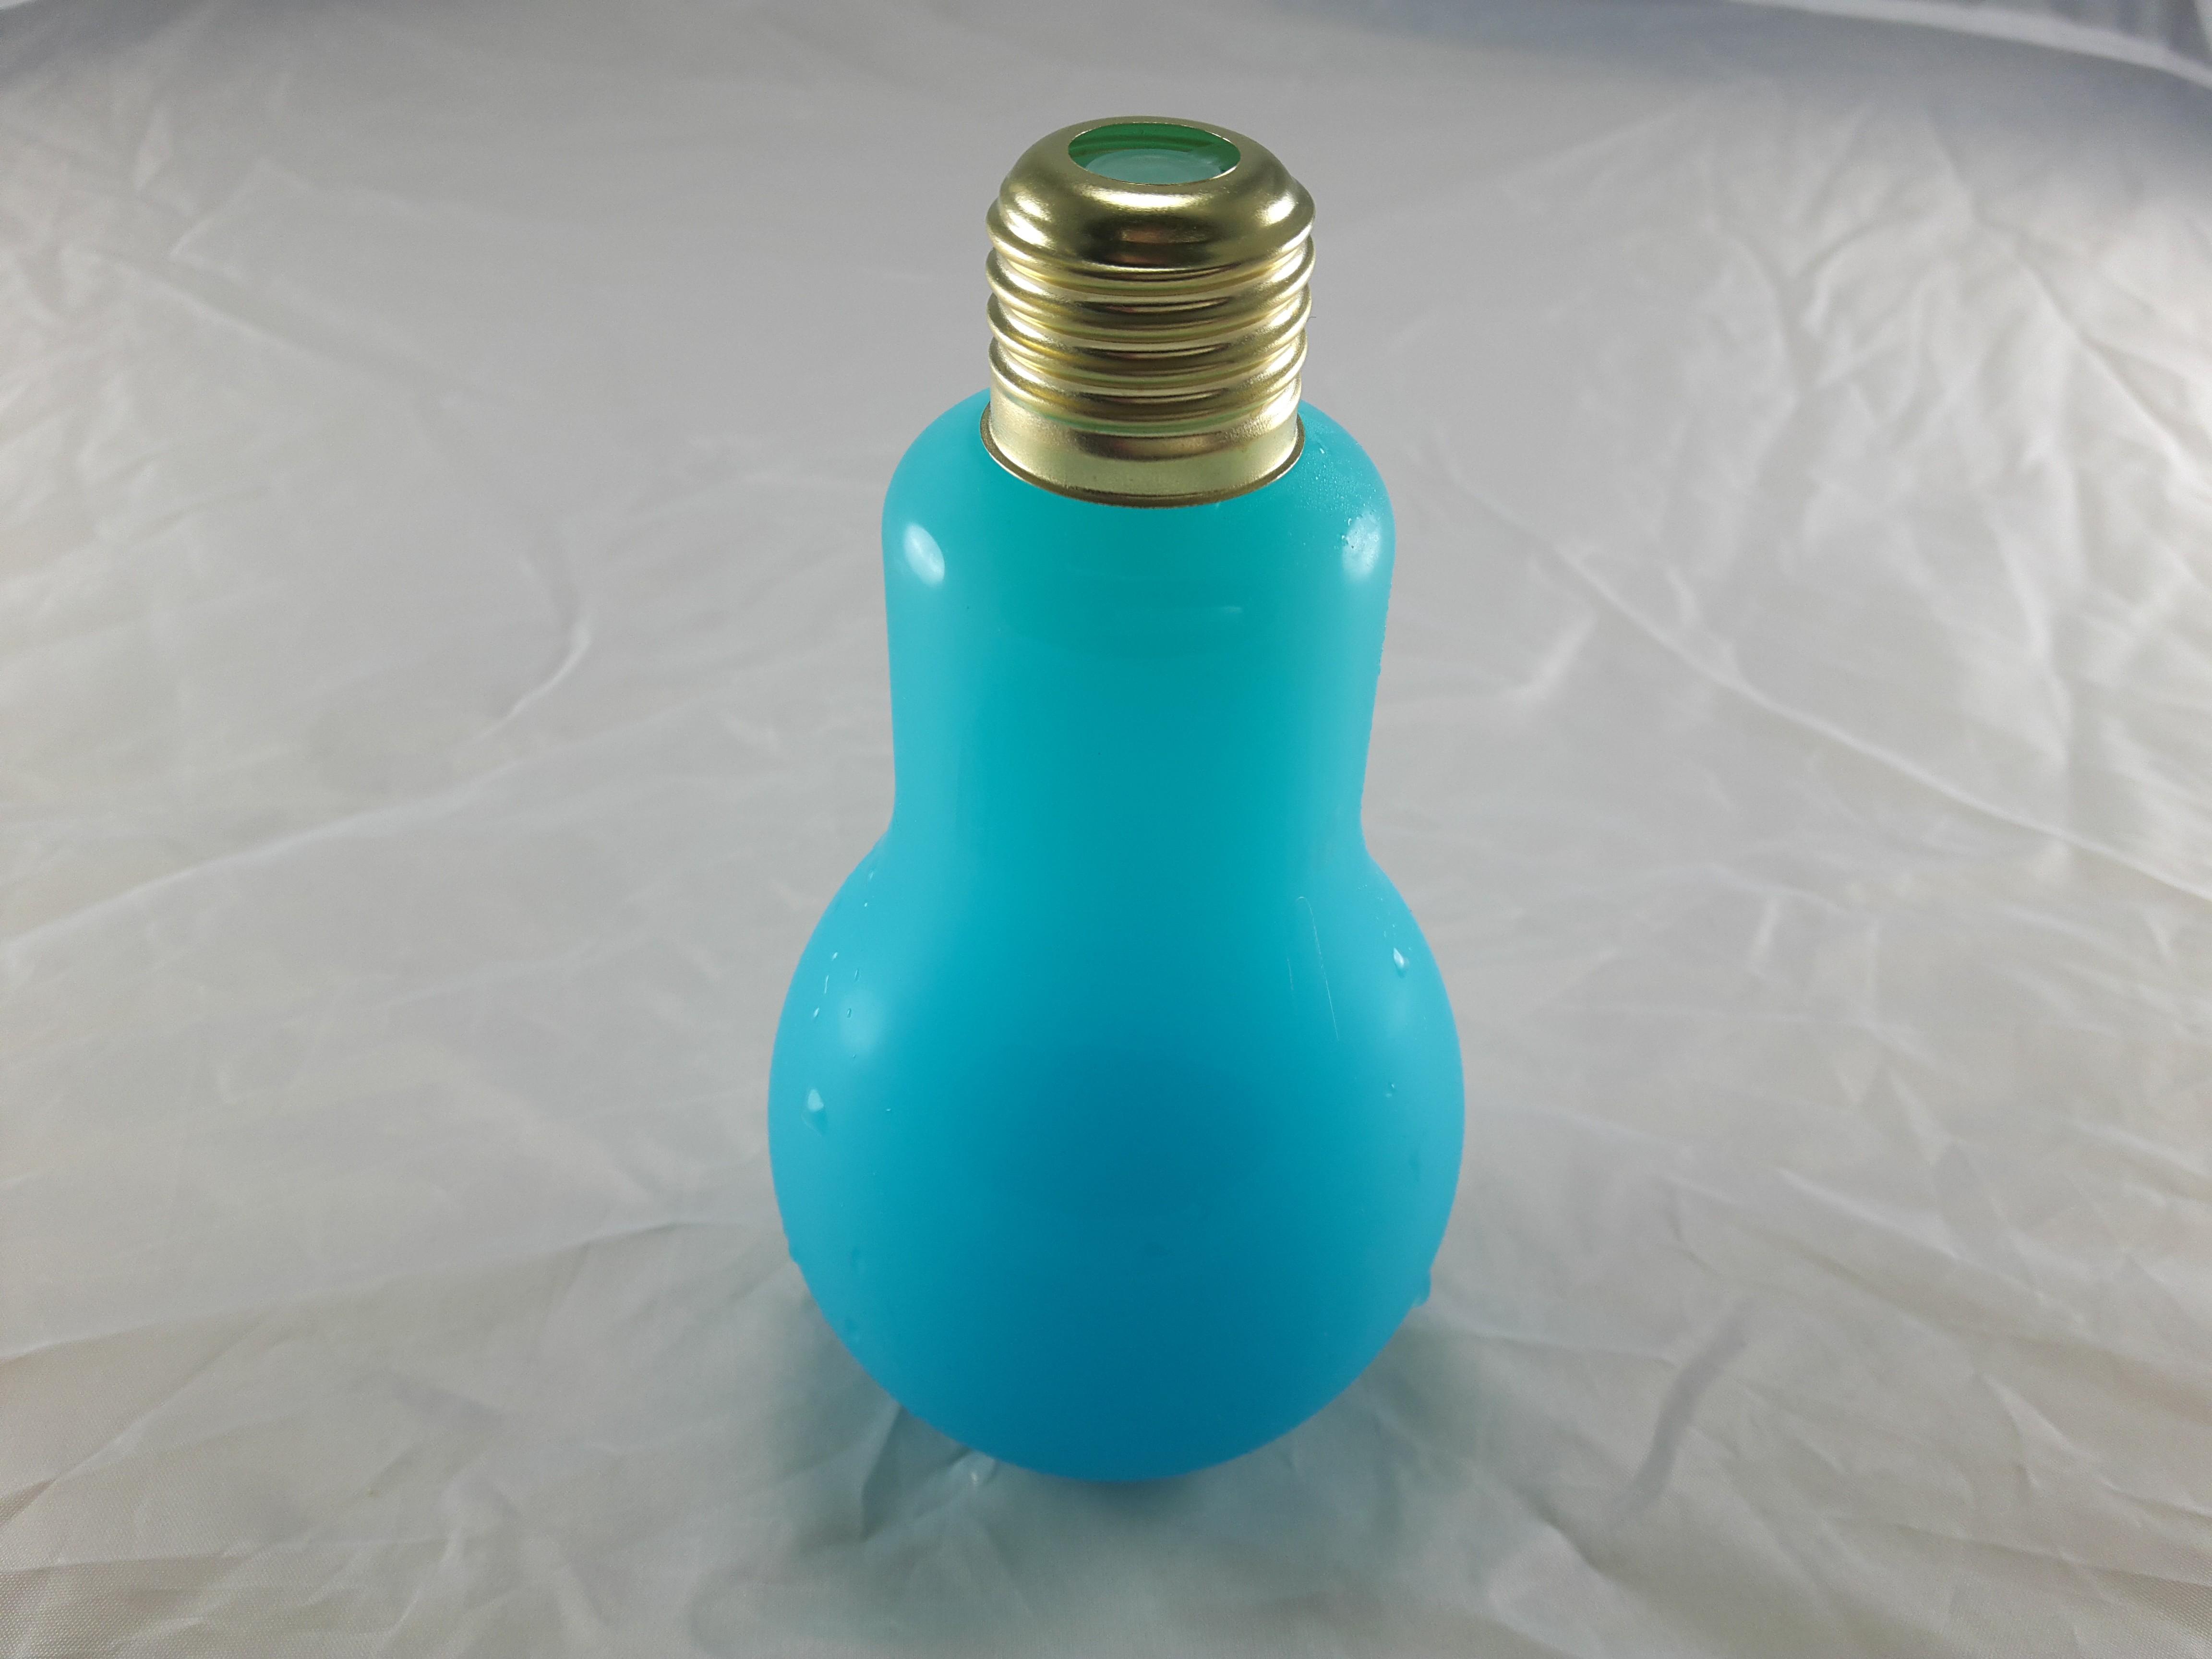 燈泡造型飲品-藍柑桔可爾必思(340cc)